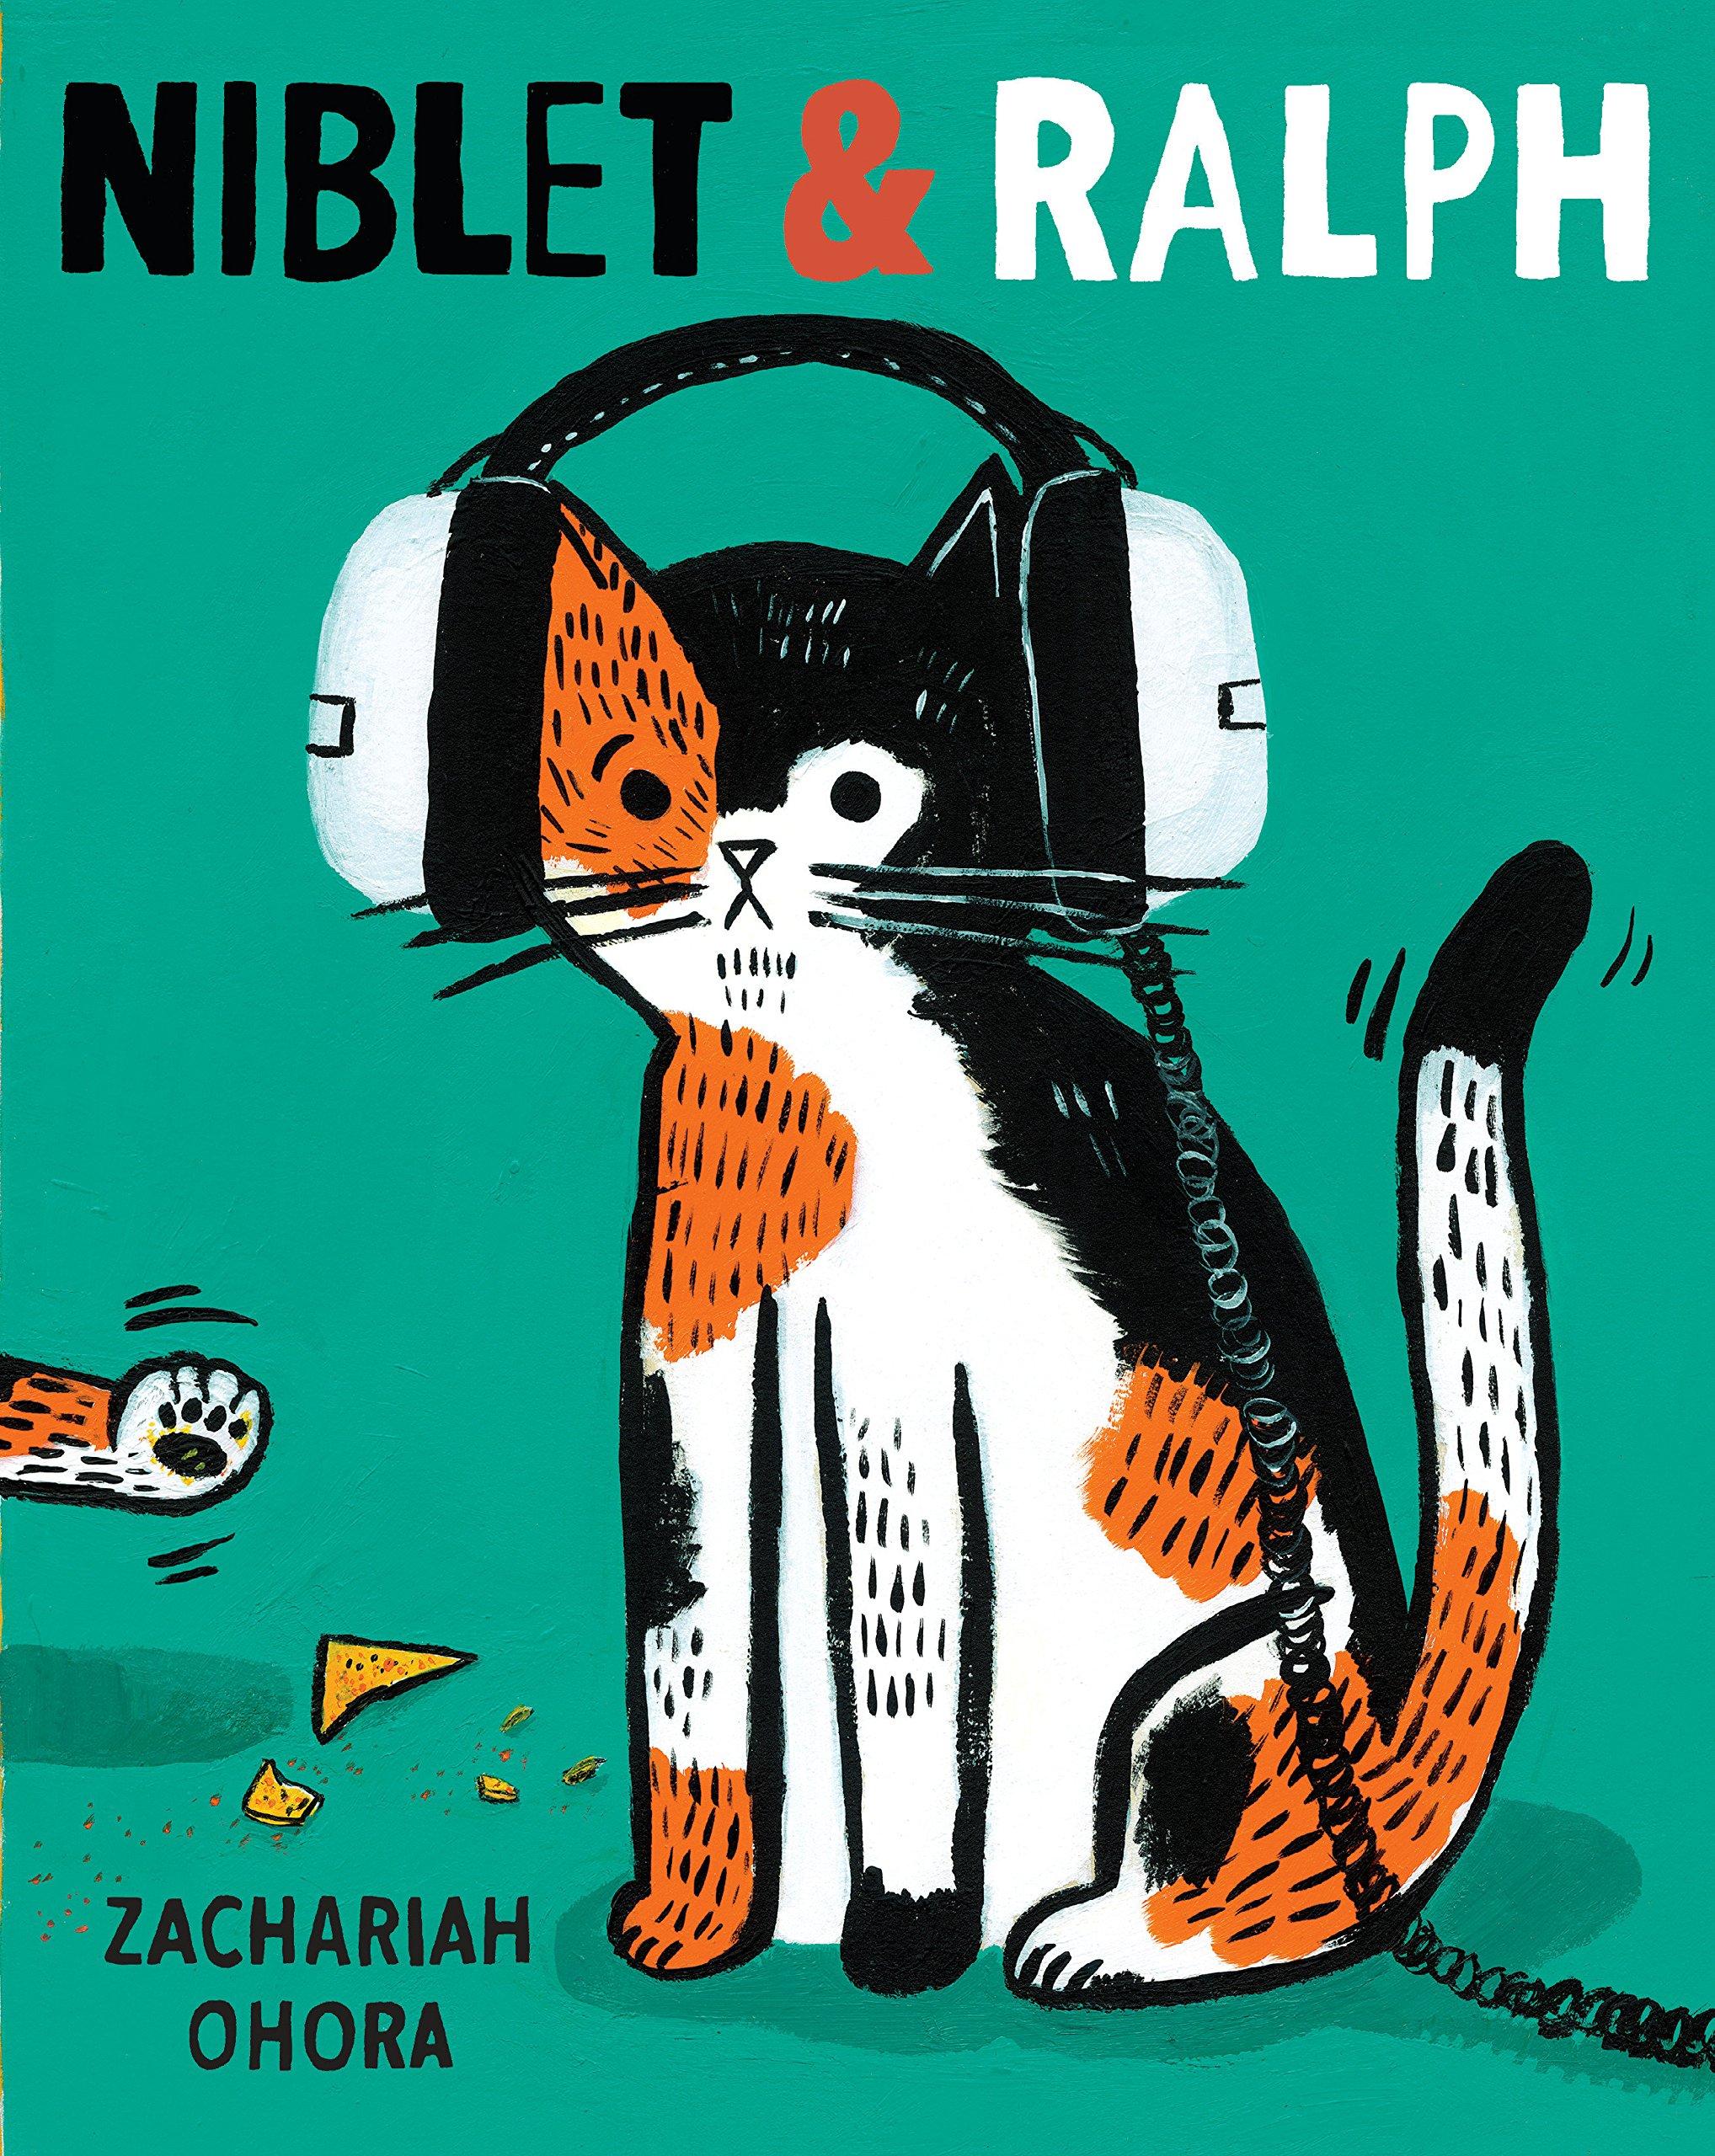 Niblet & Ralph